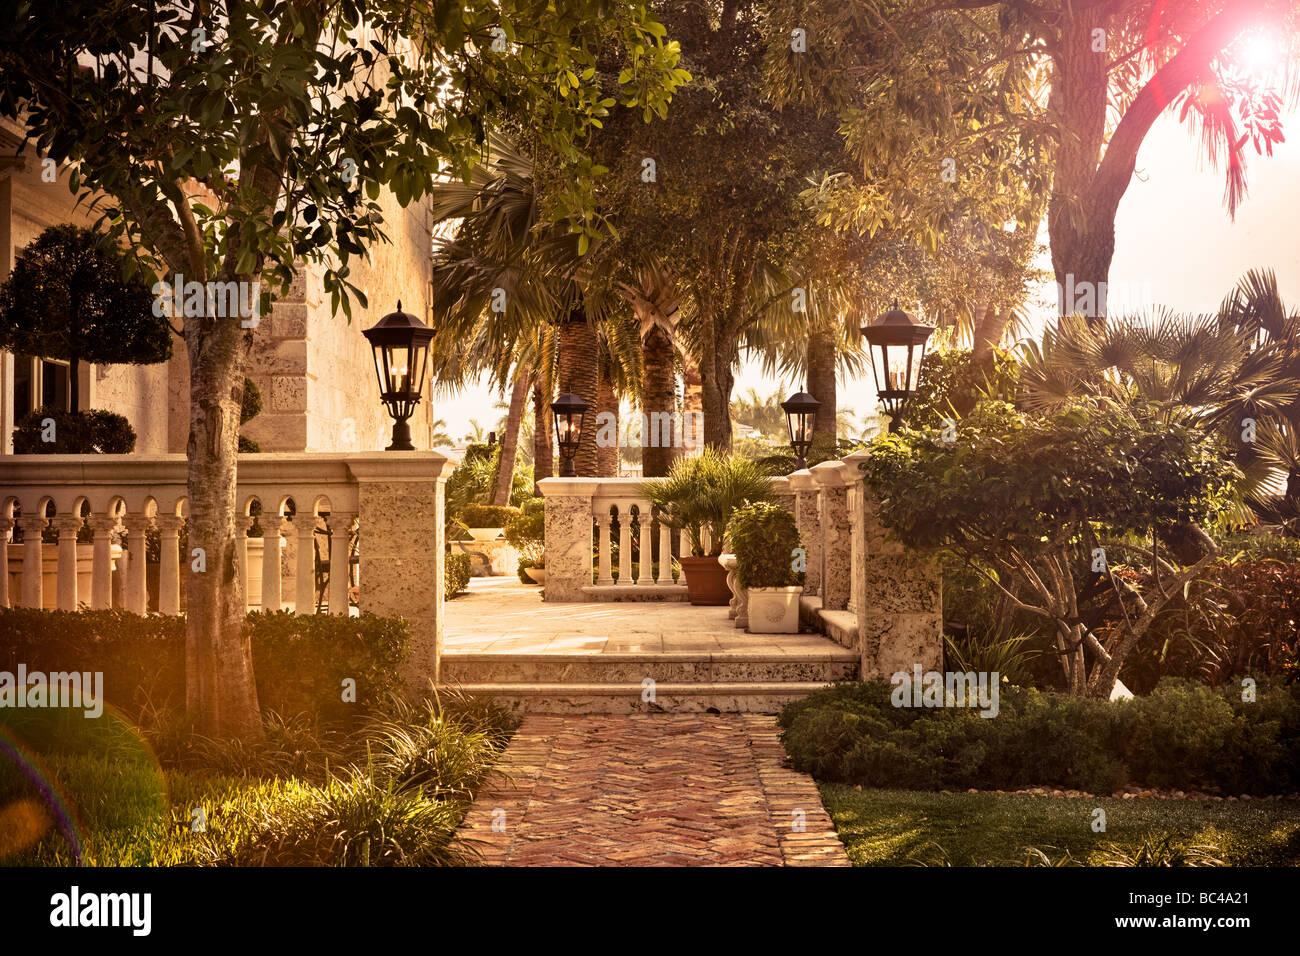 Ein Kalkstein-Patio-Terrasse in einer Villa in Boca Raton, Florida Stockbild